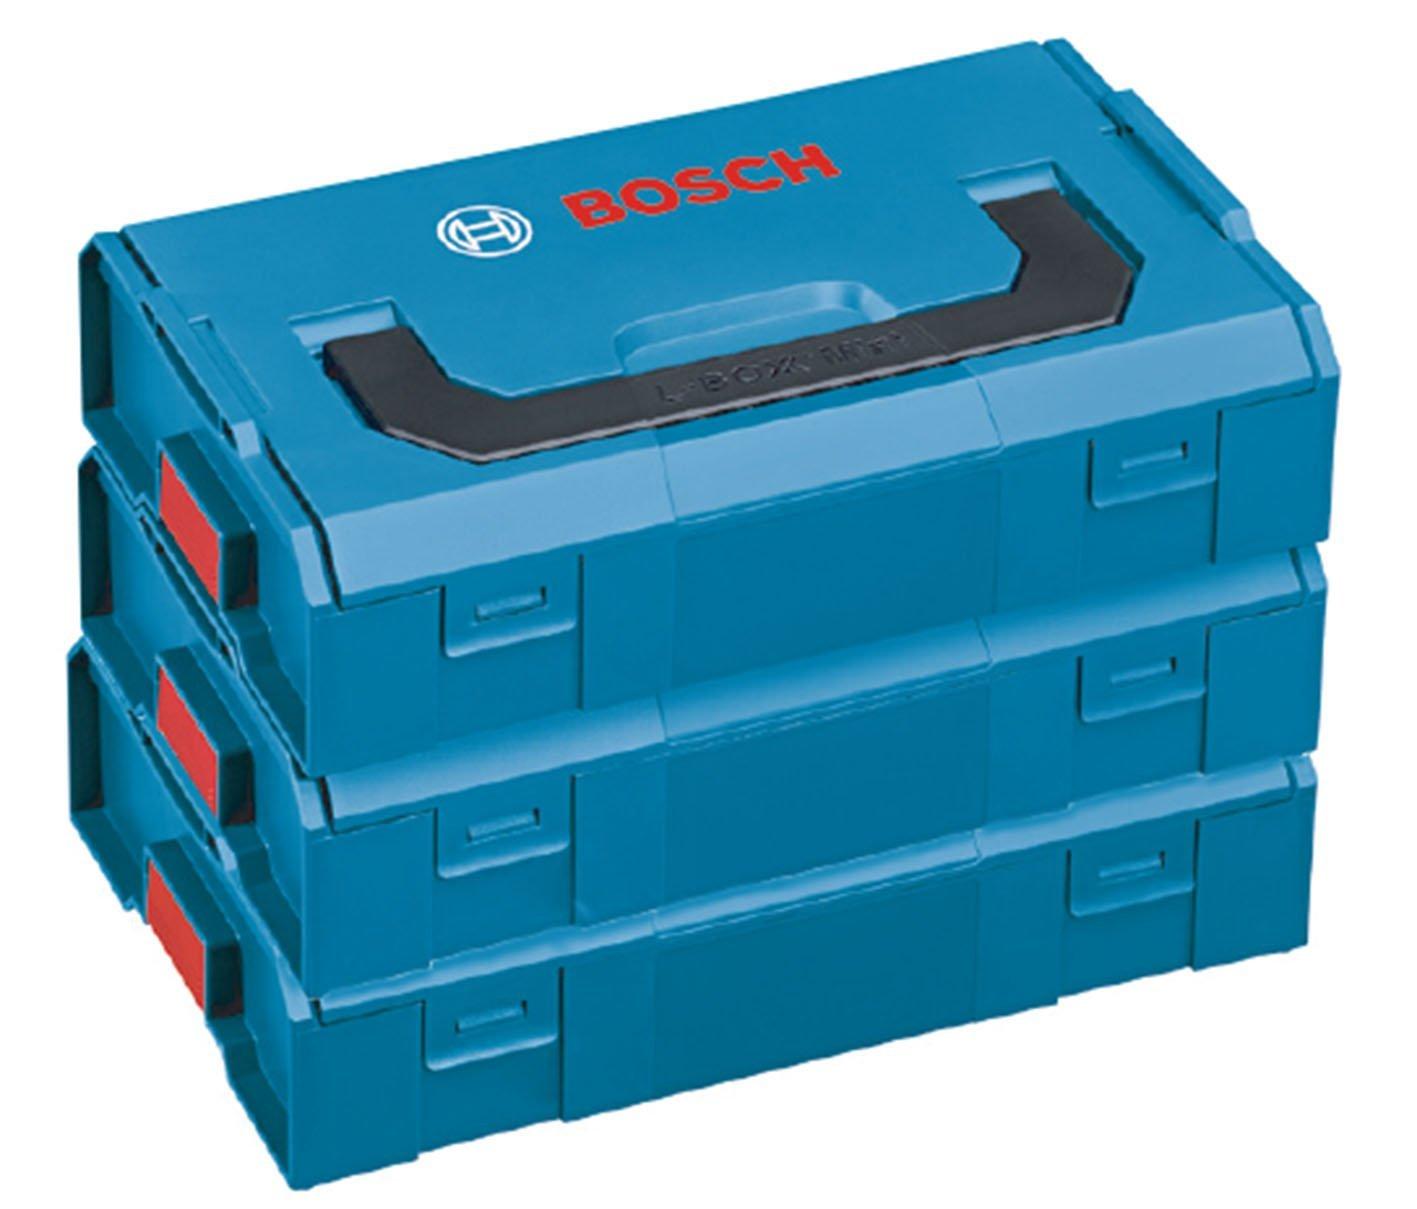 BOSCH(ボッシュ) L-BOXX(エルボックス) ボックスミニ 3個セット L-BOXX-MINI3